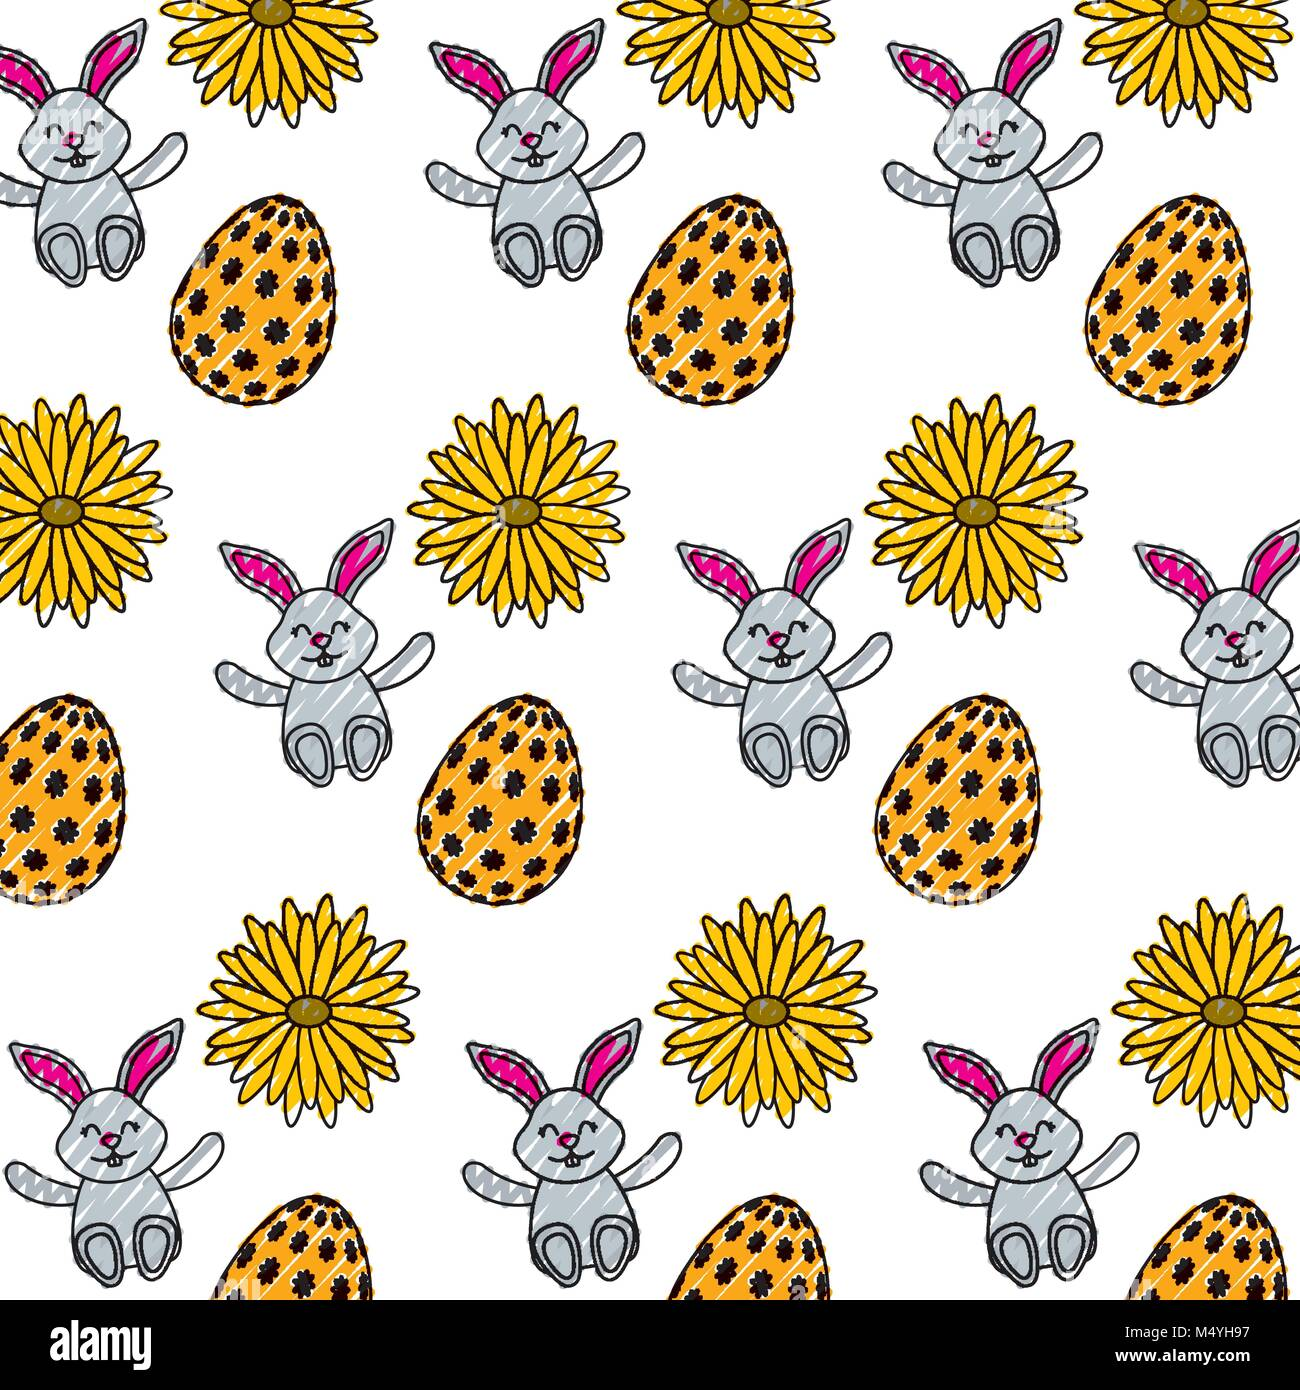 Schöne Ostern Eier Kaninchen Blume Daisy Dekoration Muster Vektor